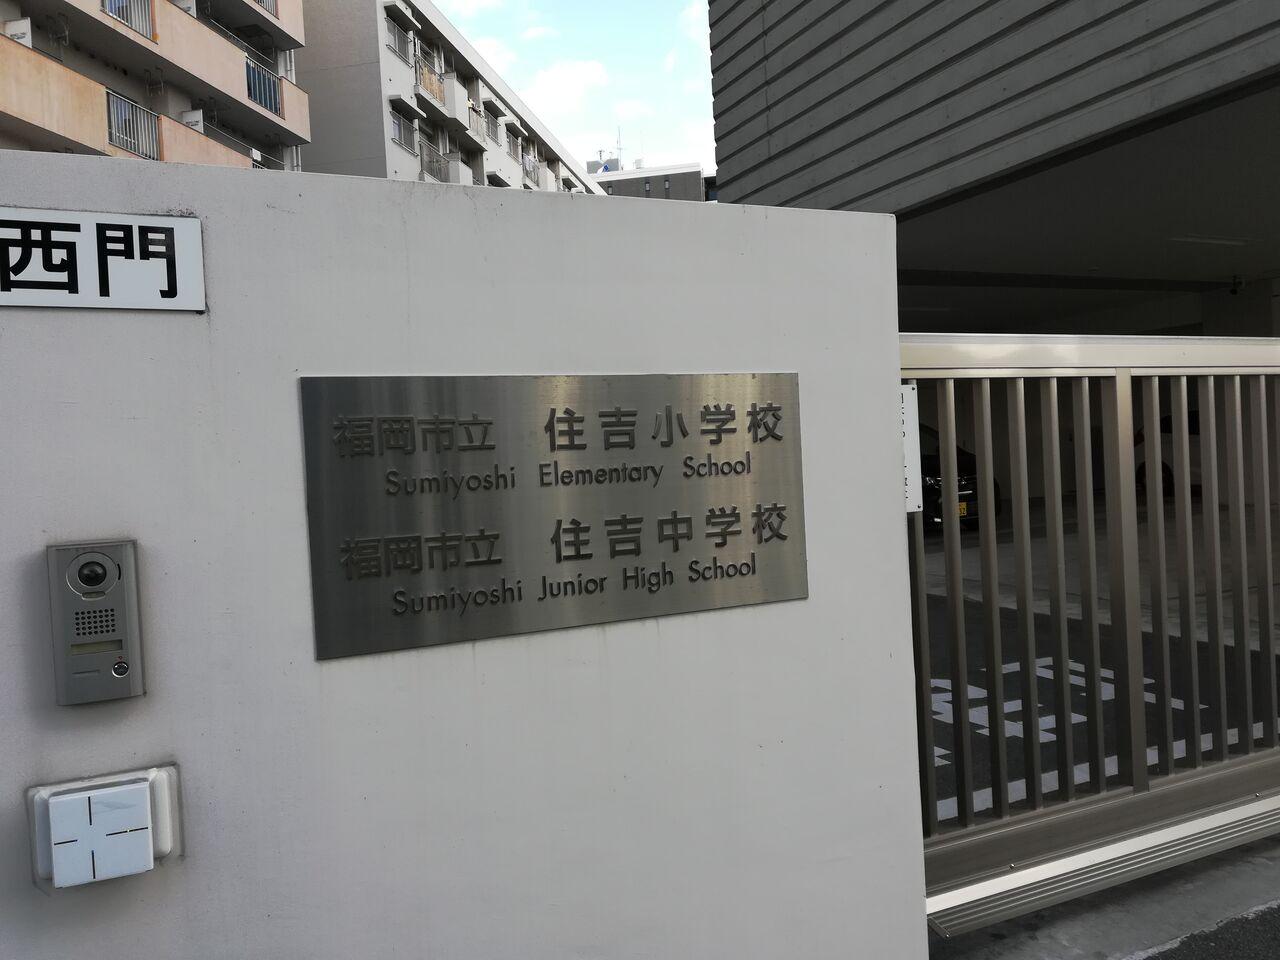 教育 福岡 委員 会 市 教育こども委員会